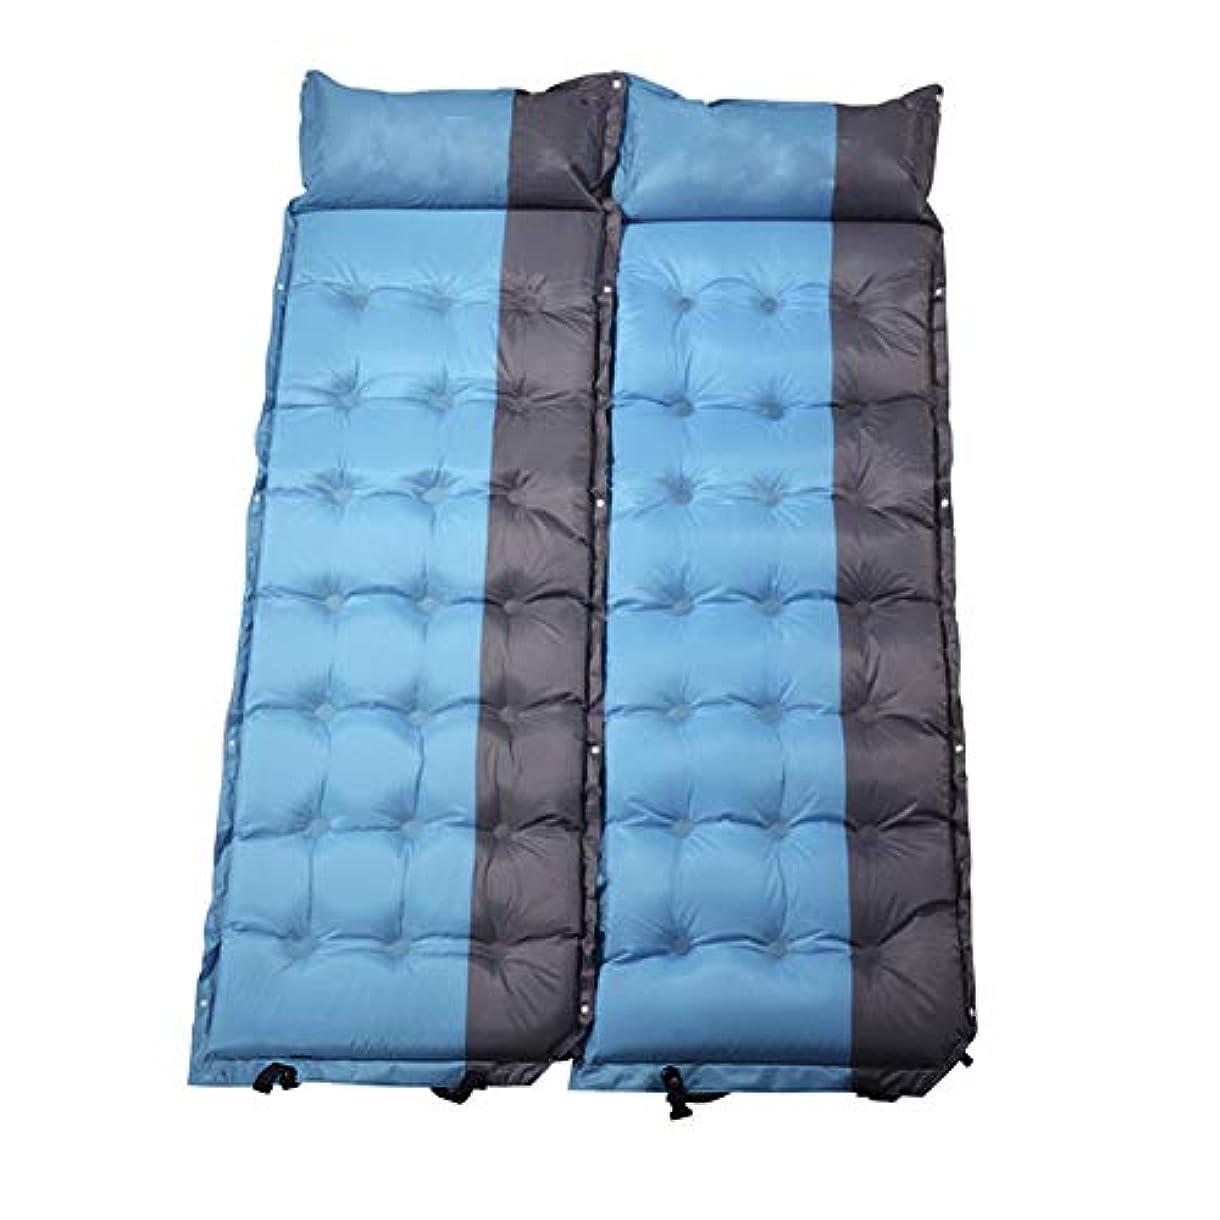 銃上陸感情屋外のシングル自動インフレータブルクッションで枕通気性の強い防湿肥厚ビーチパークハイキングピクニックキャンプテント